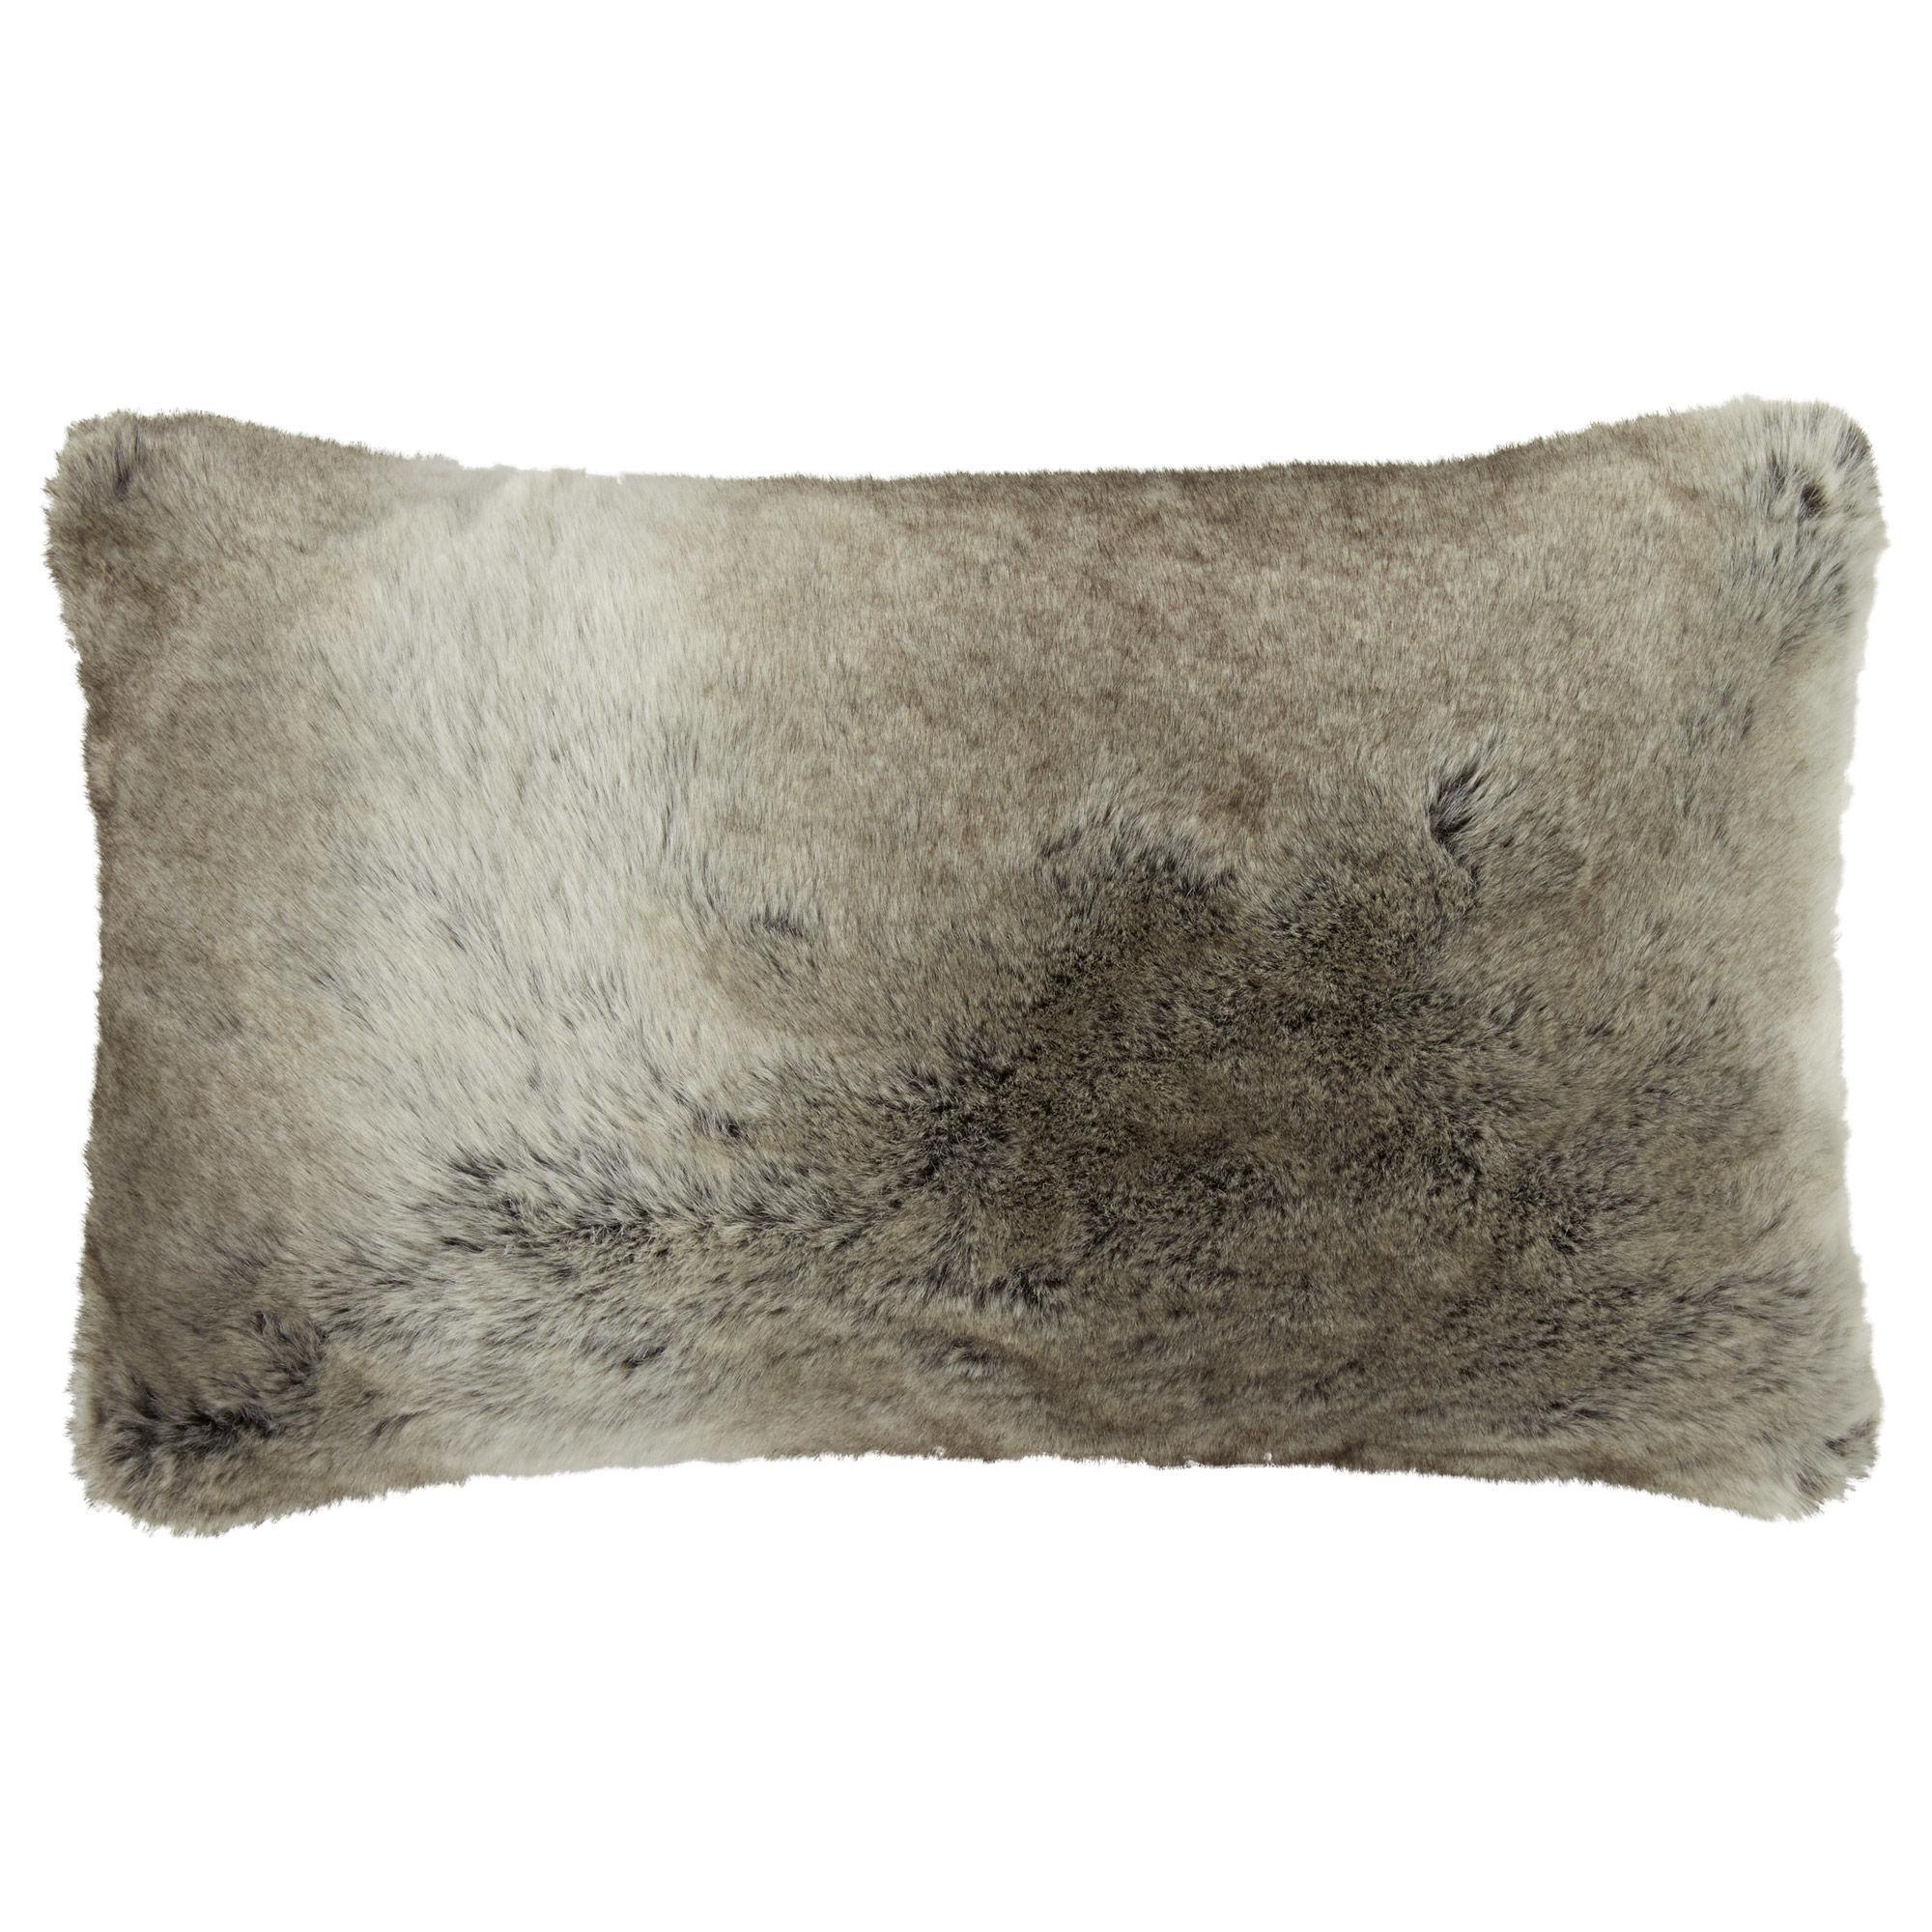 wolf faux fur decorative lumbar pillow 14 x 22